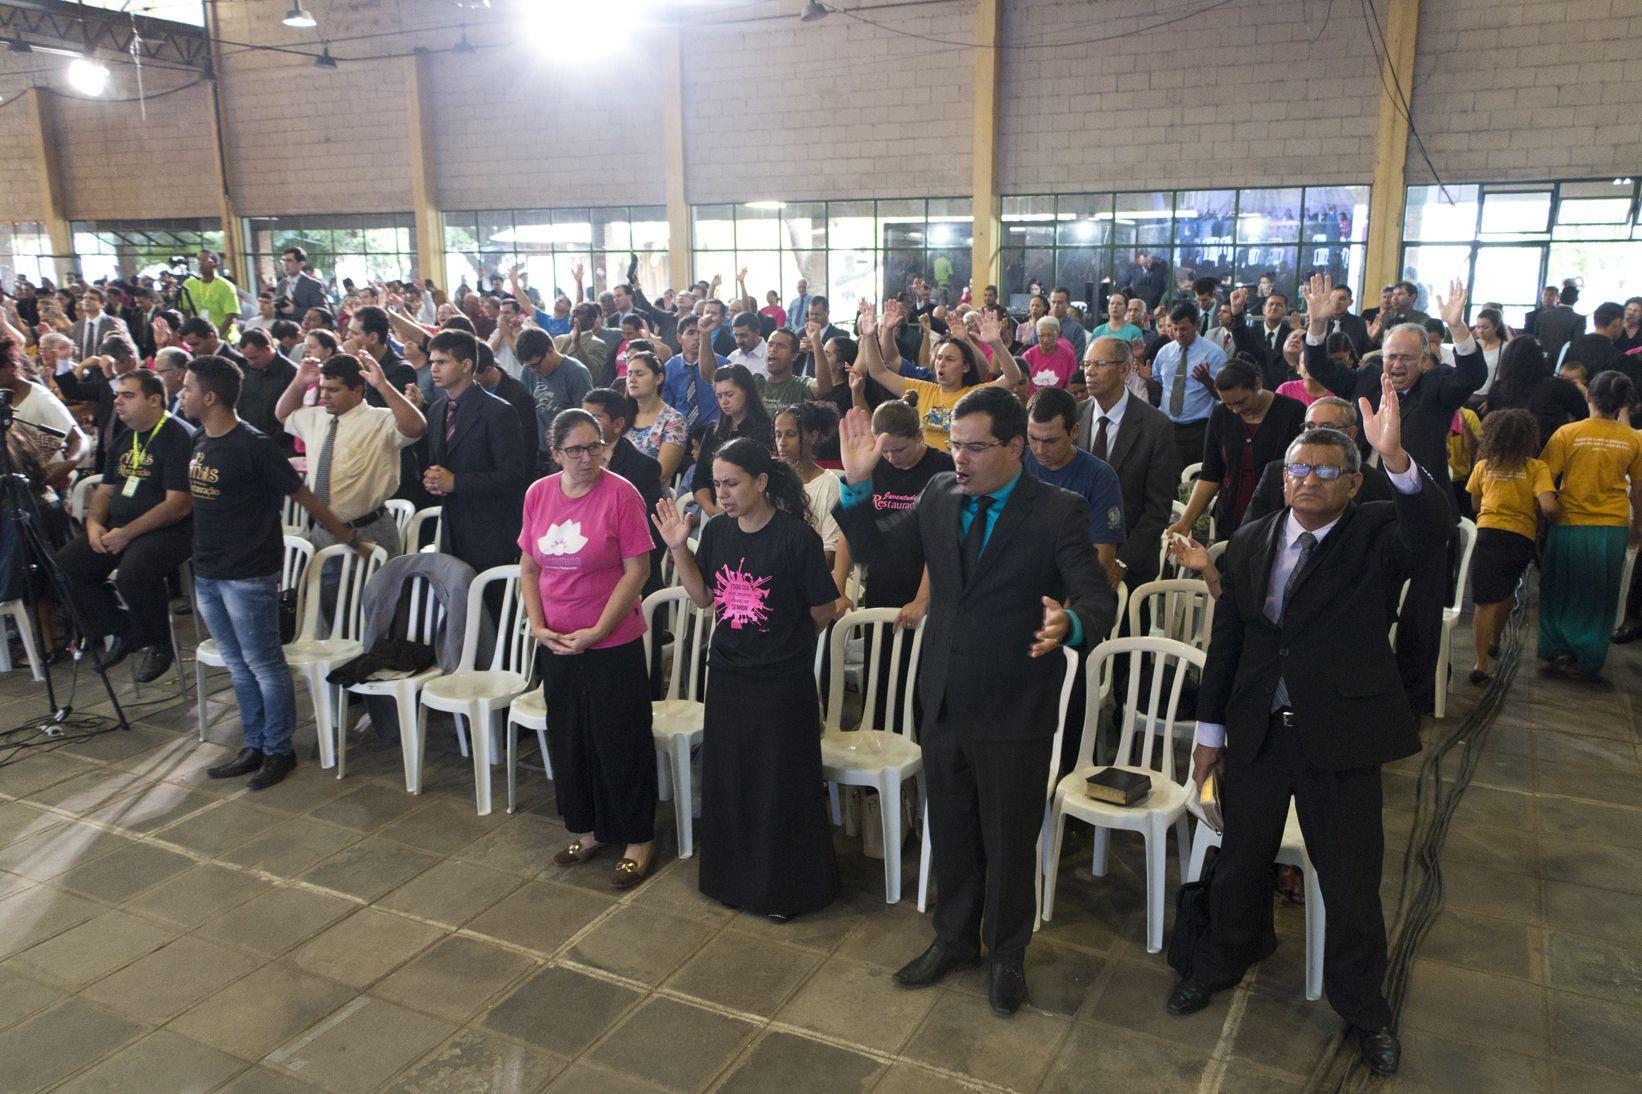 Congresso Geral 2016 - 3º Dia - 27.03.2016 (36)